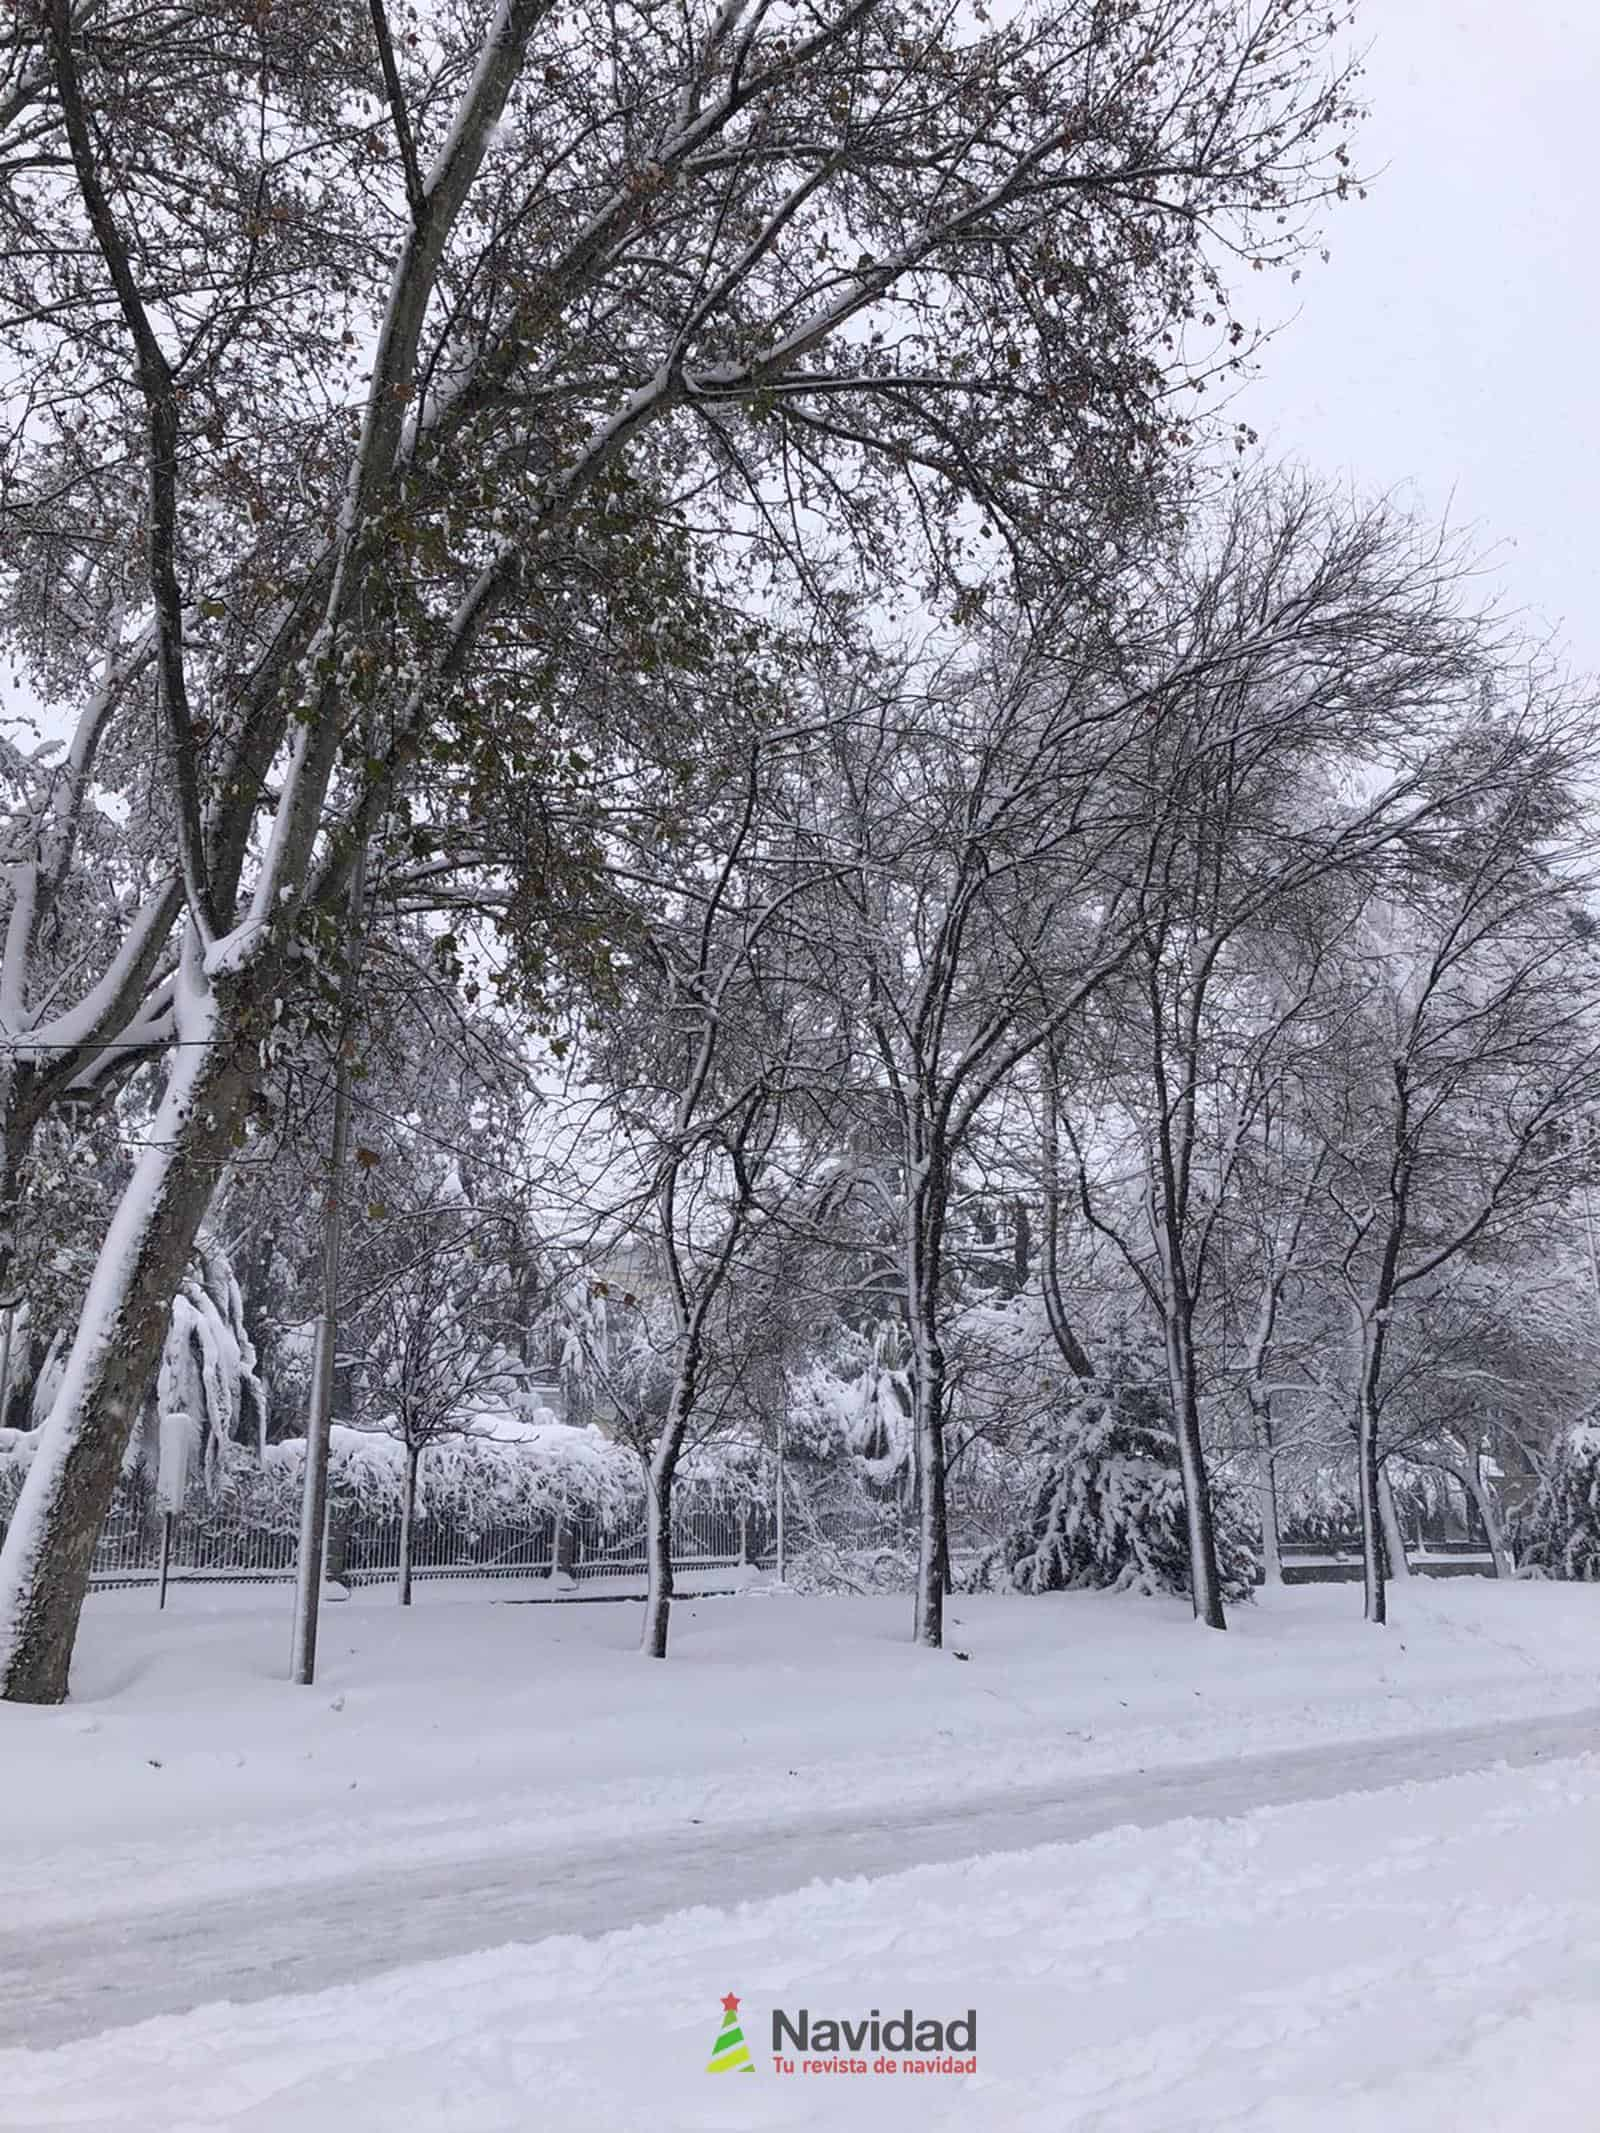 Fotografías de la nevada de enero en Madrid (España) 82